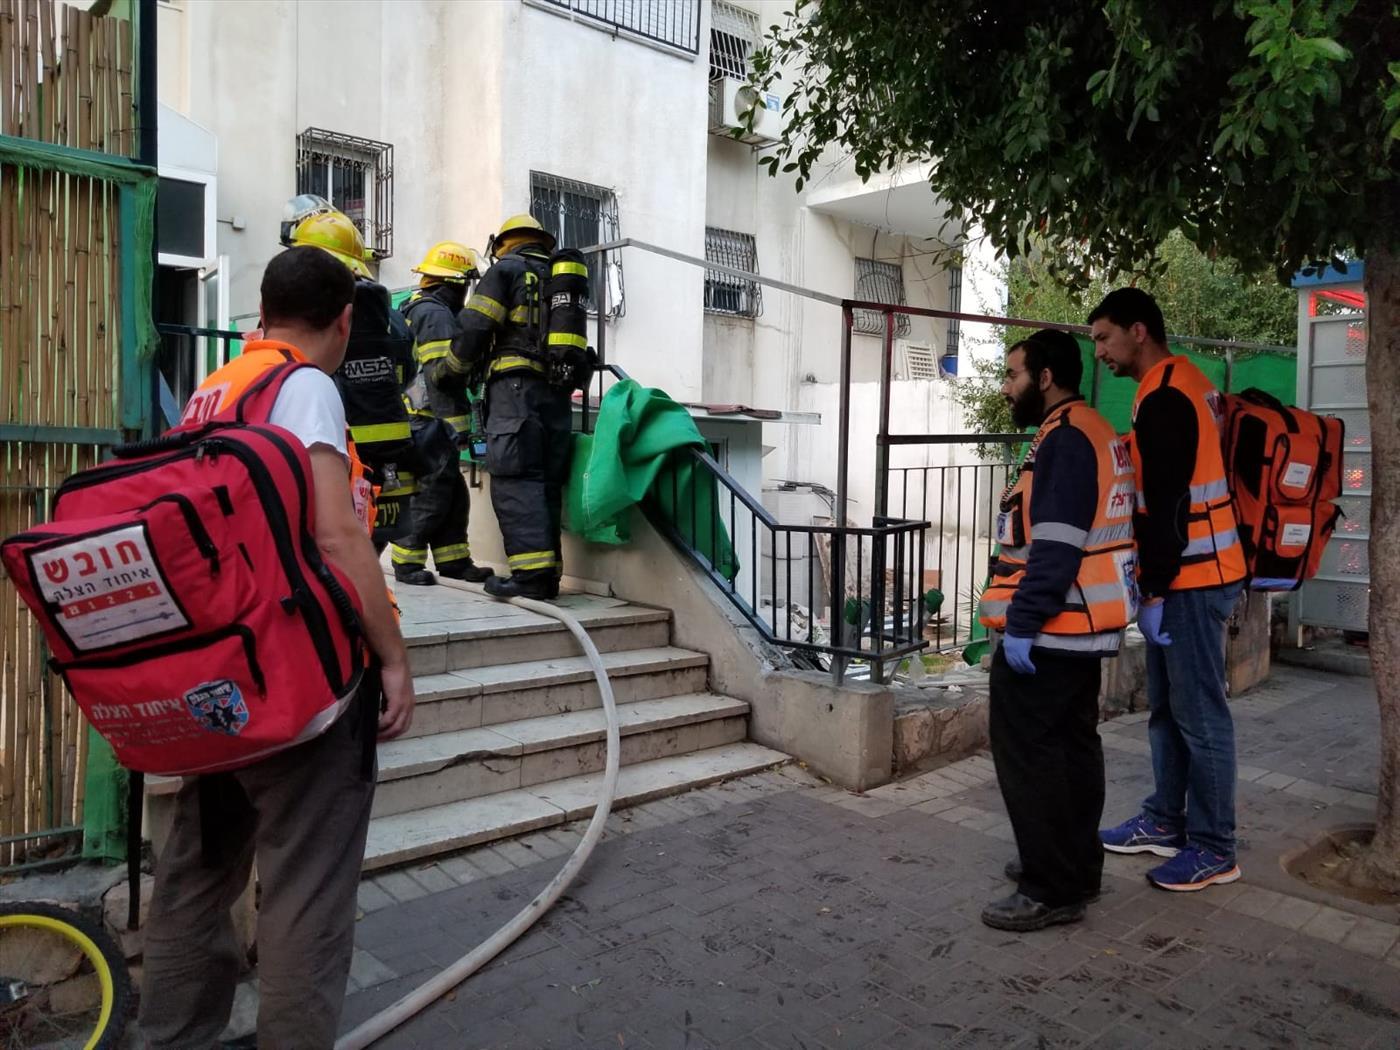 הכוחות פועלים לכיבוי הדליקה (דוברות איחוד הצלה)